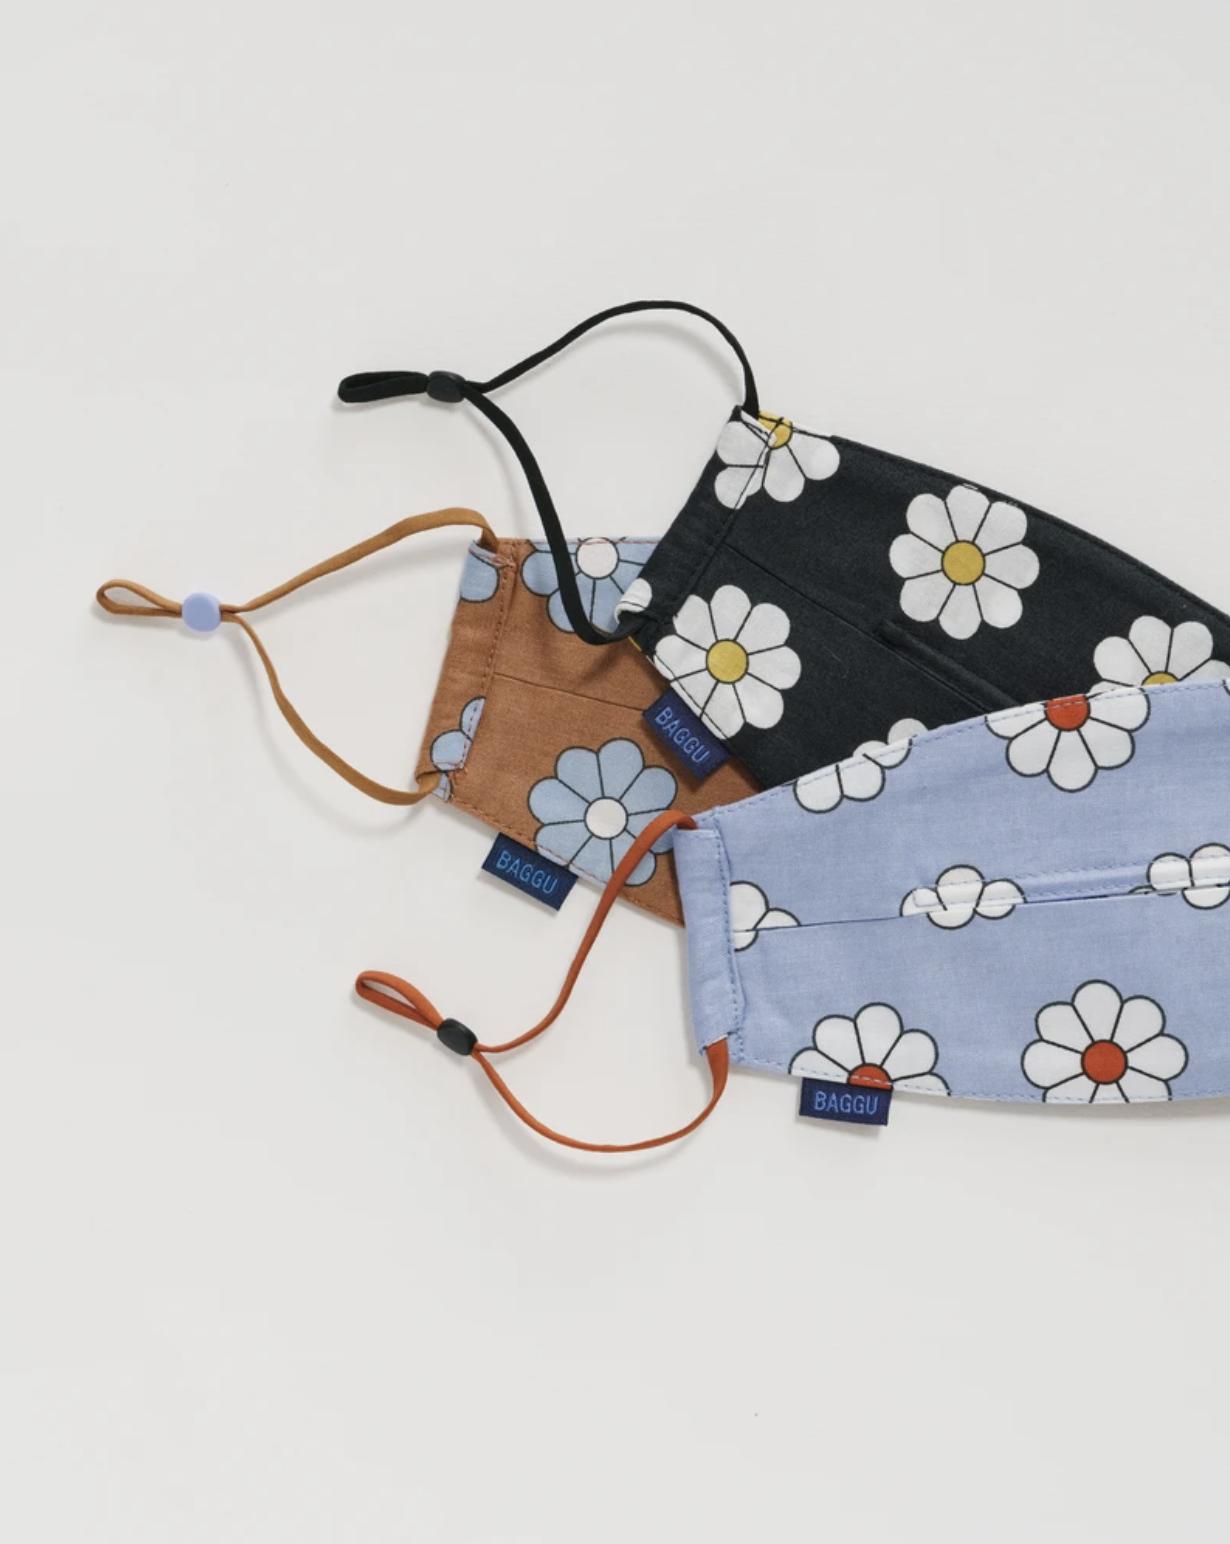 BAGGU - Loop Masks, daisy